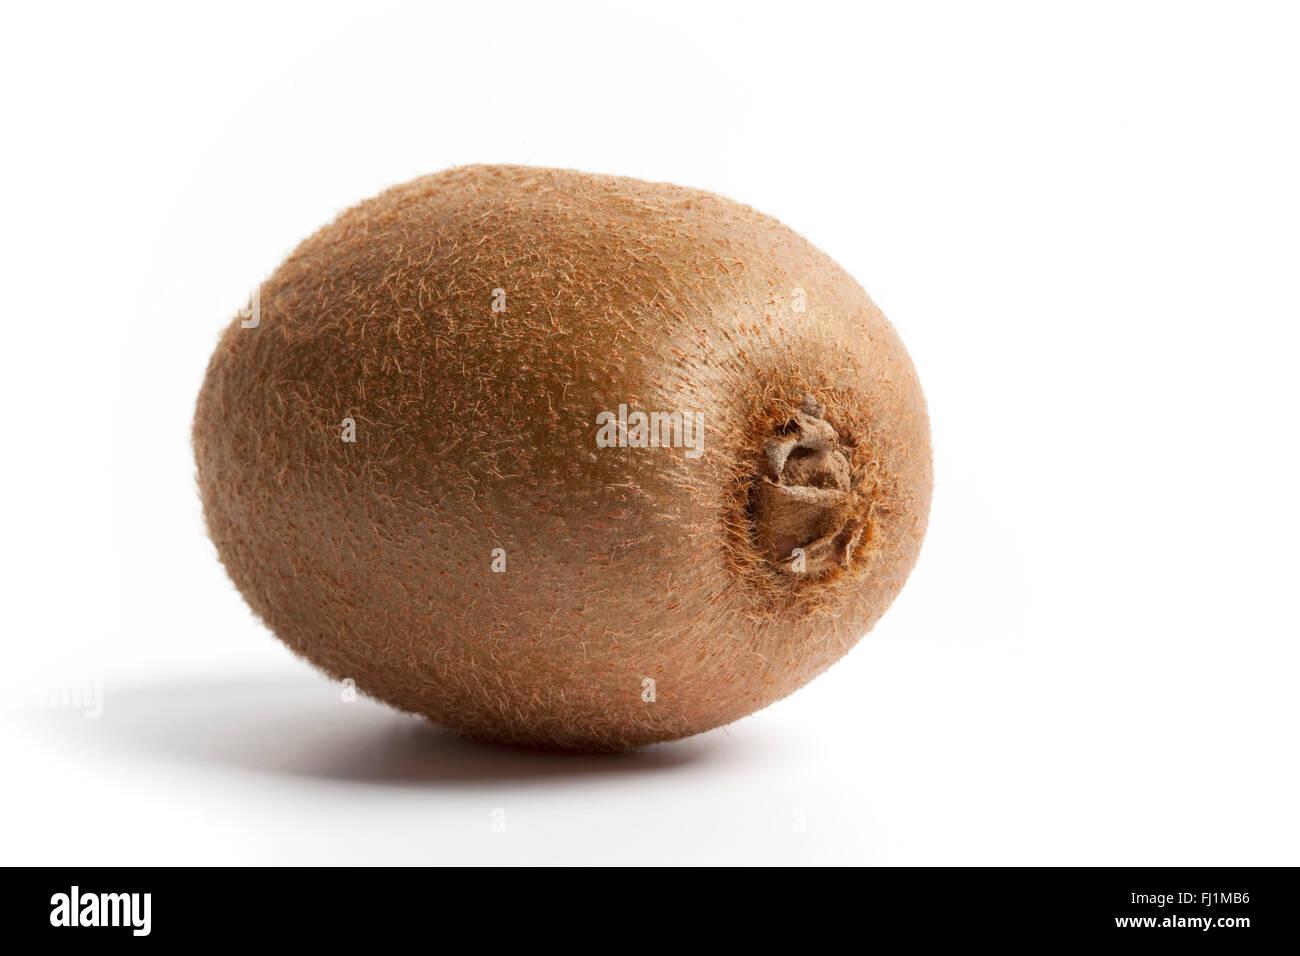 One fresh whole kiwi fruit on white background - Stock Image